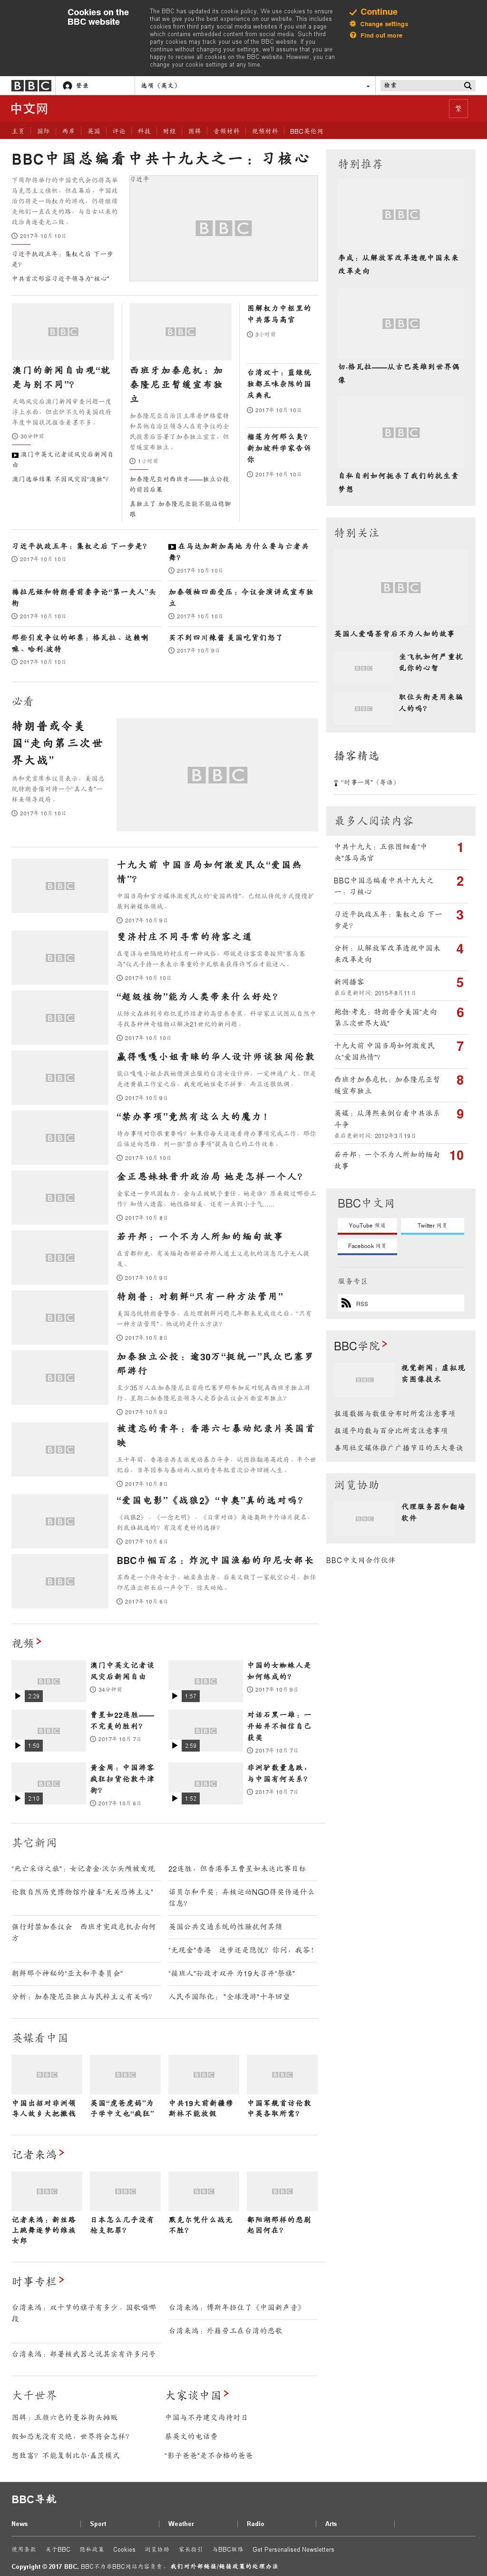 BBC (Chinese) at Wednesday Oct. 11, 2017, 6:01 a.m. UTC